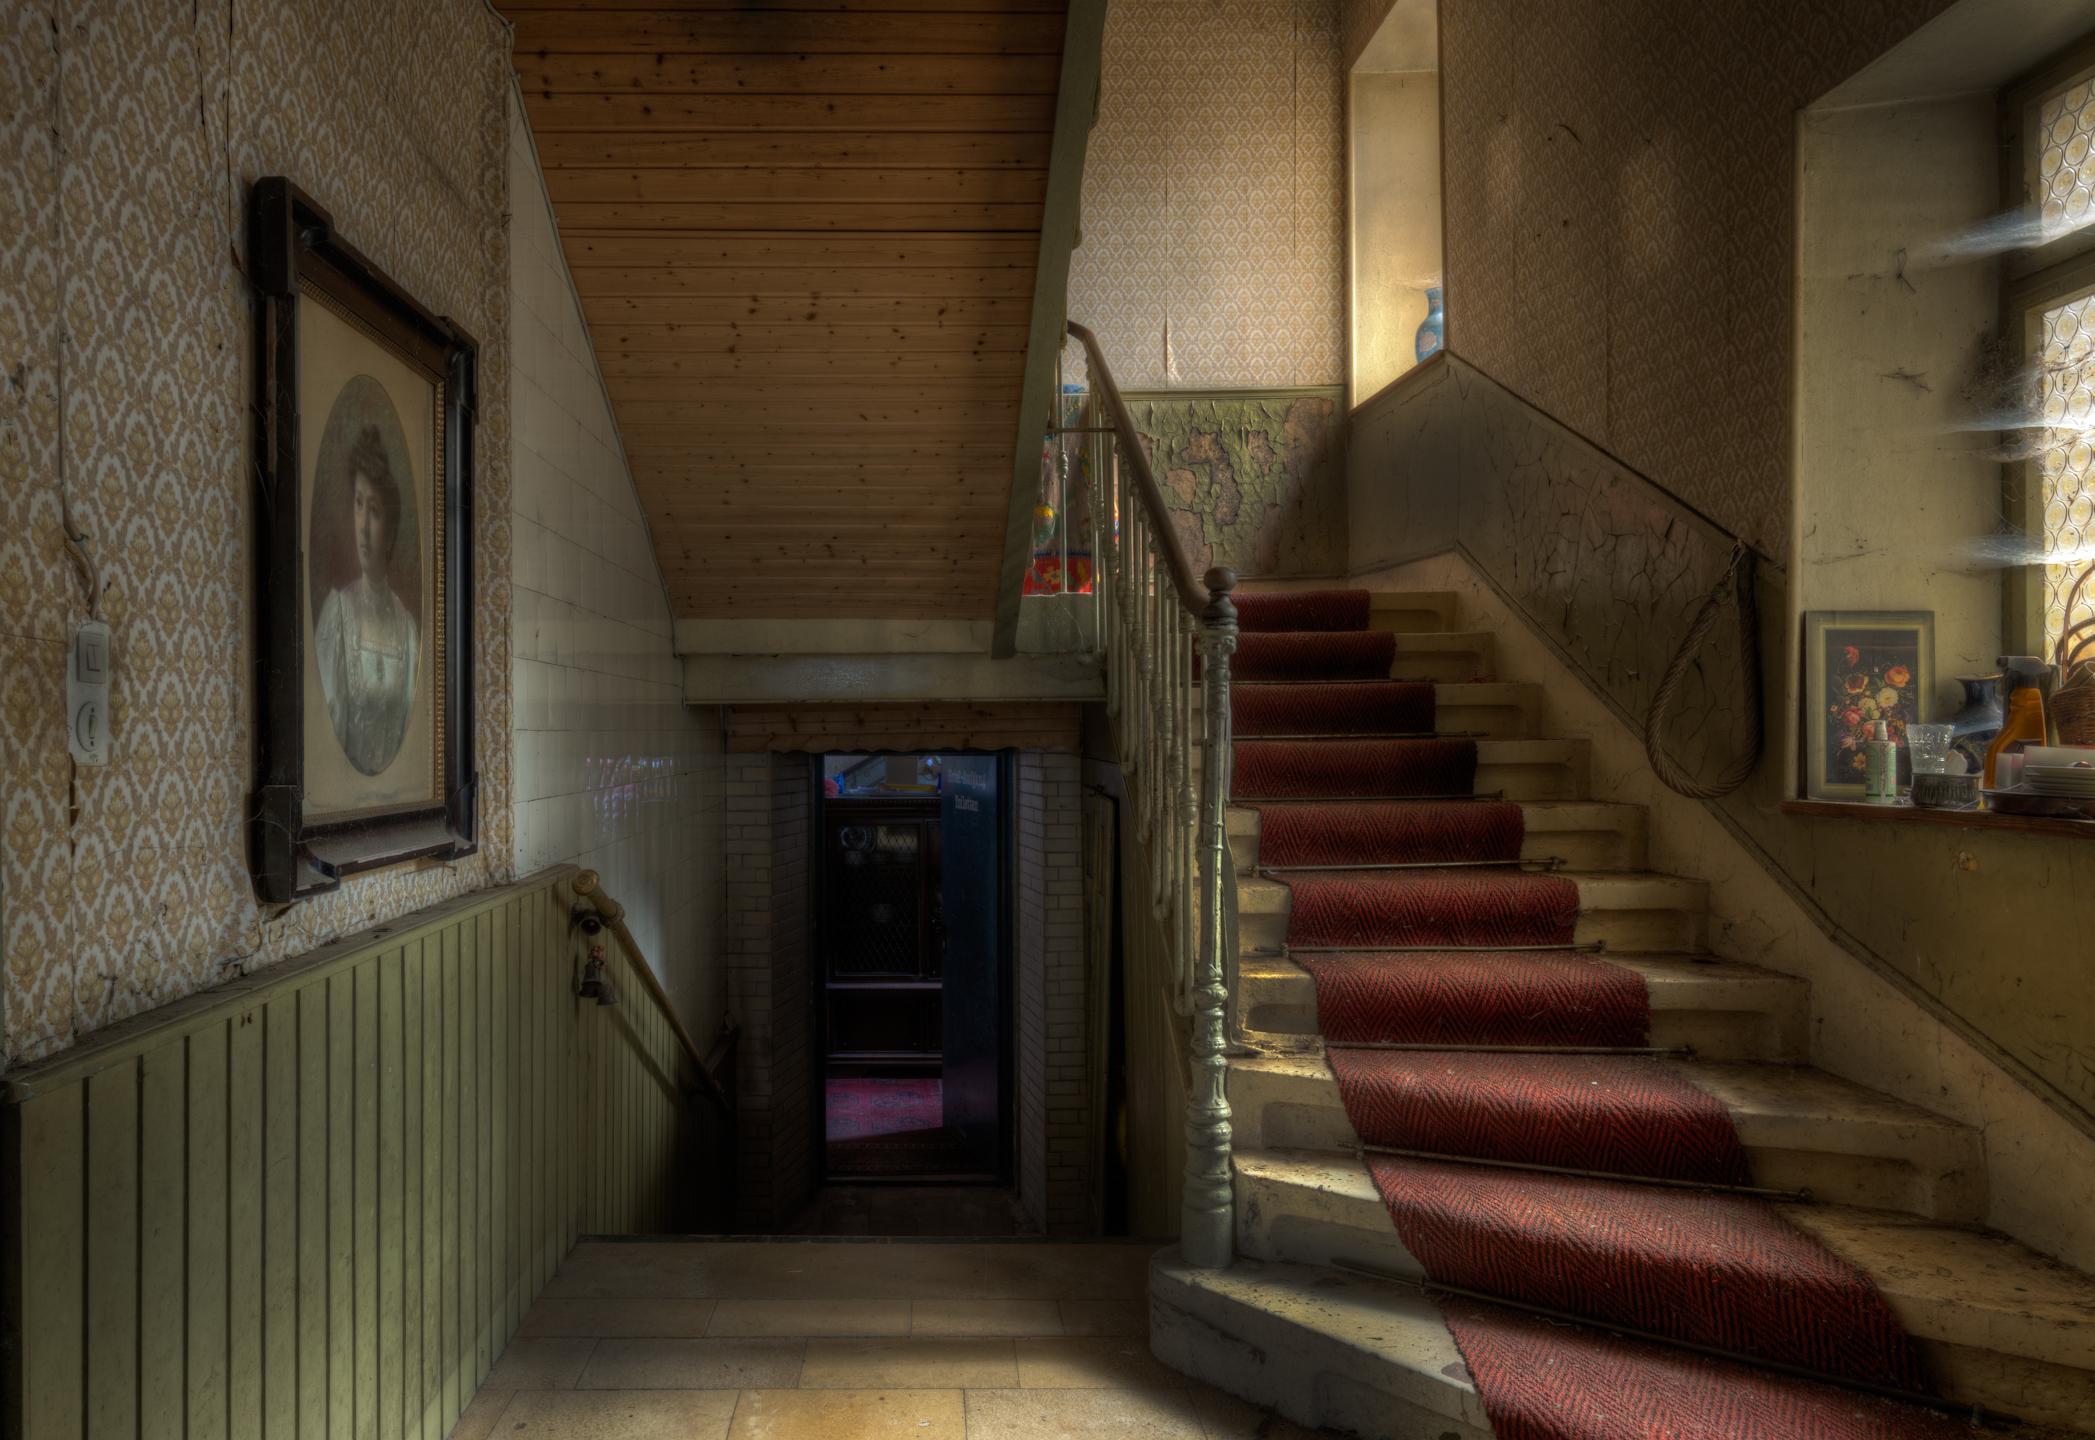 Sfondi le scale architettura interior design legna casa